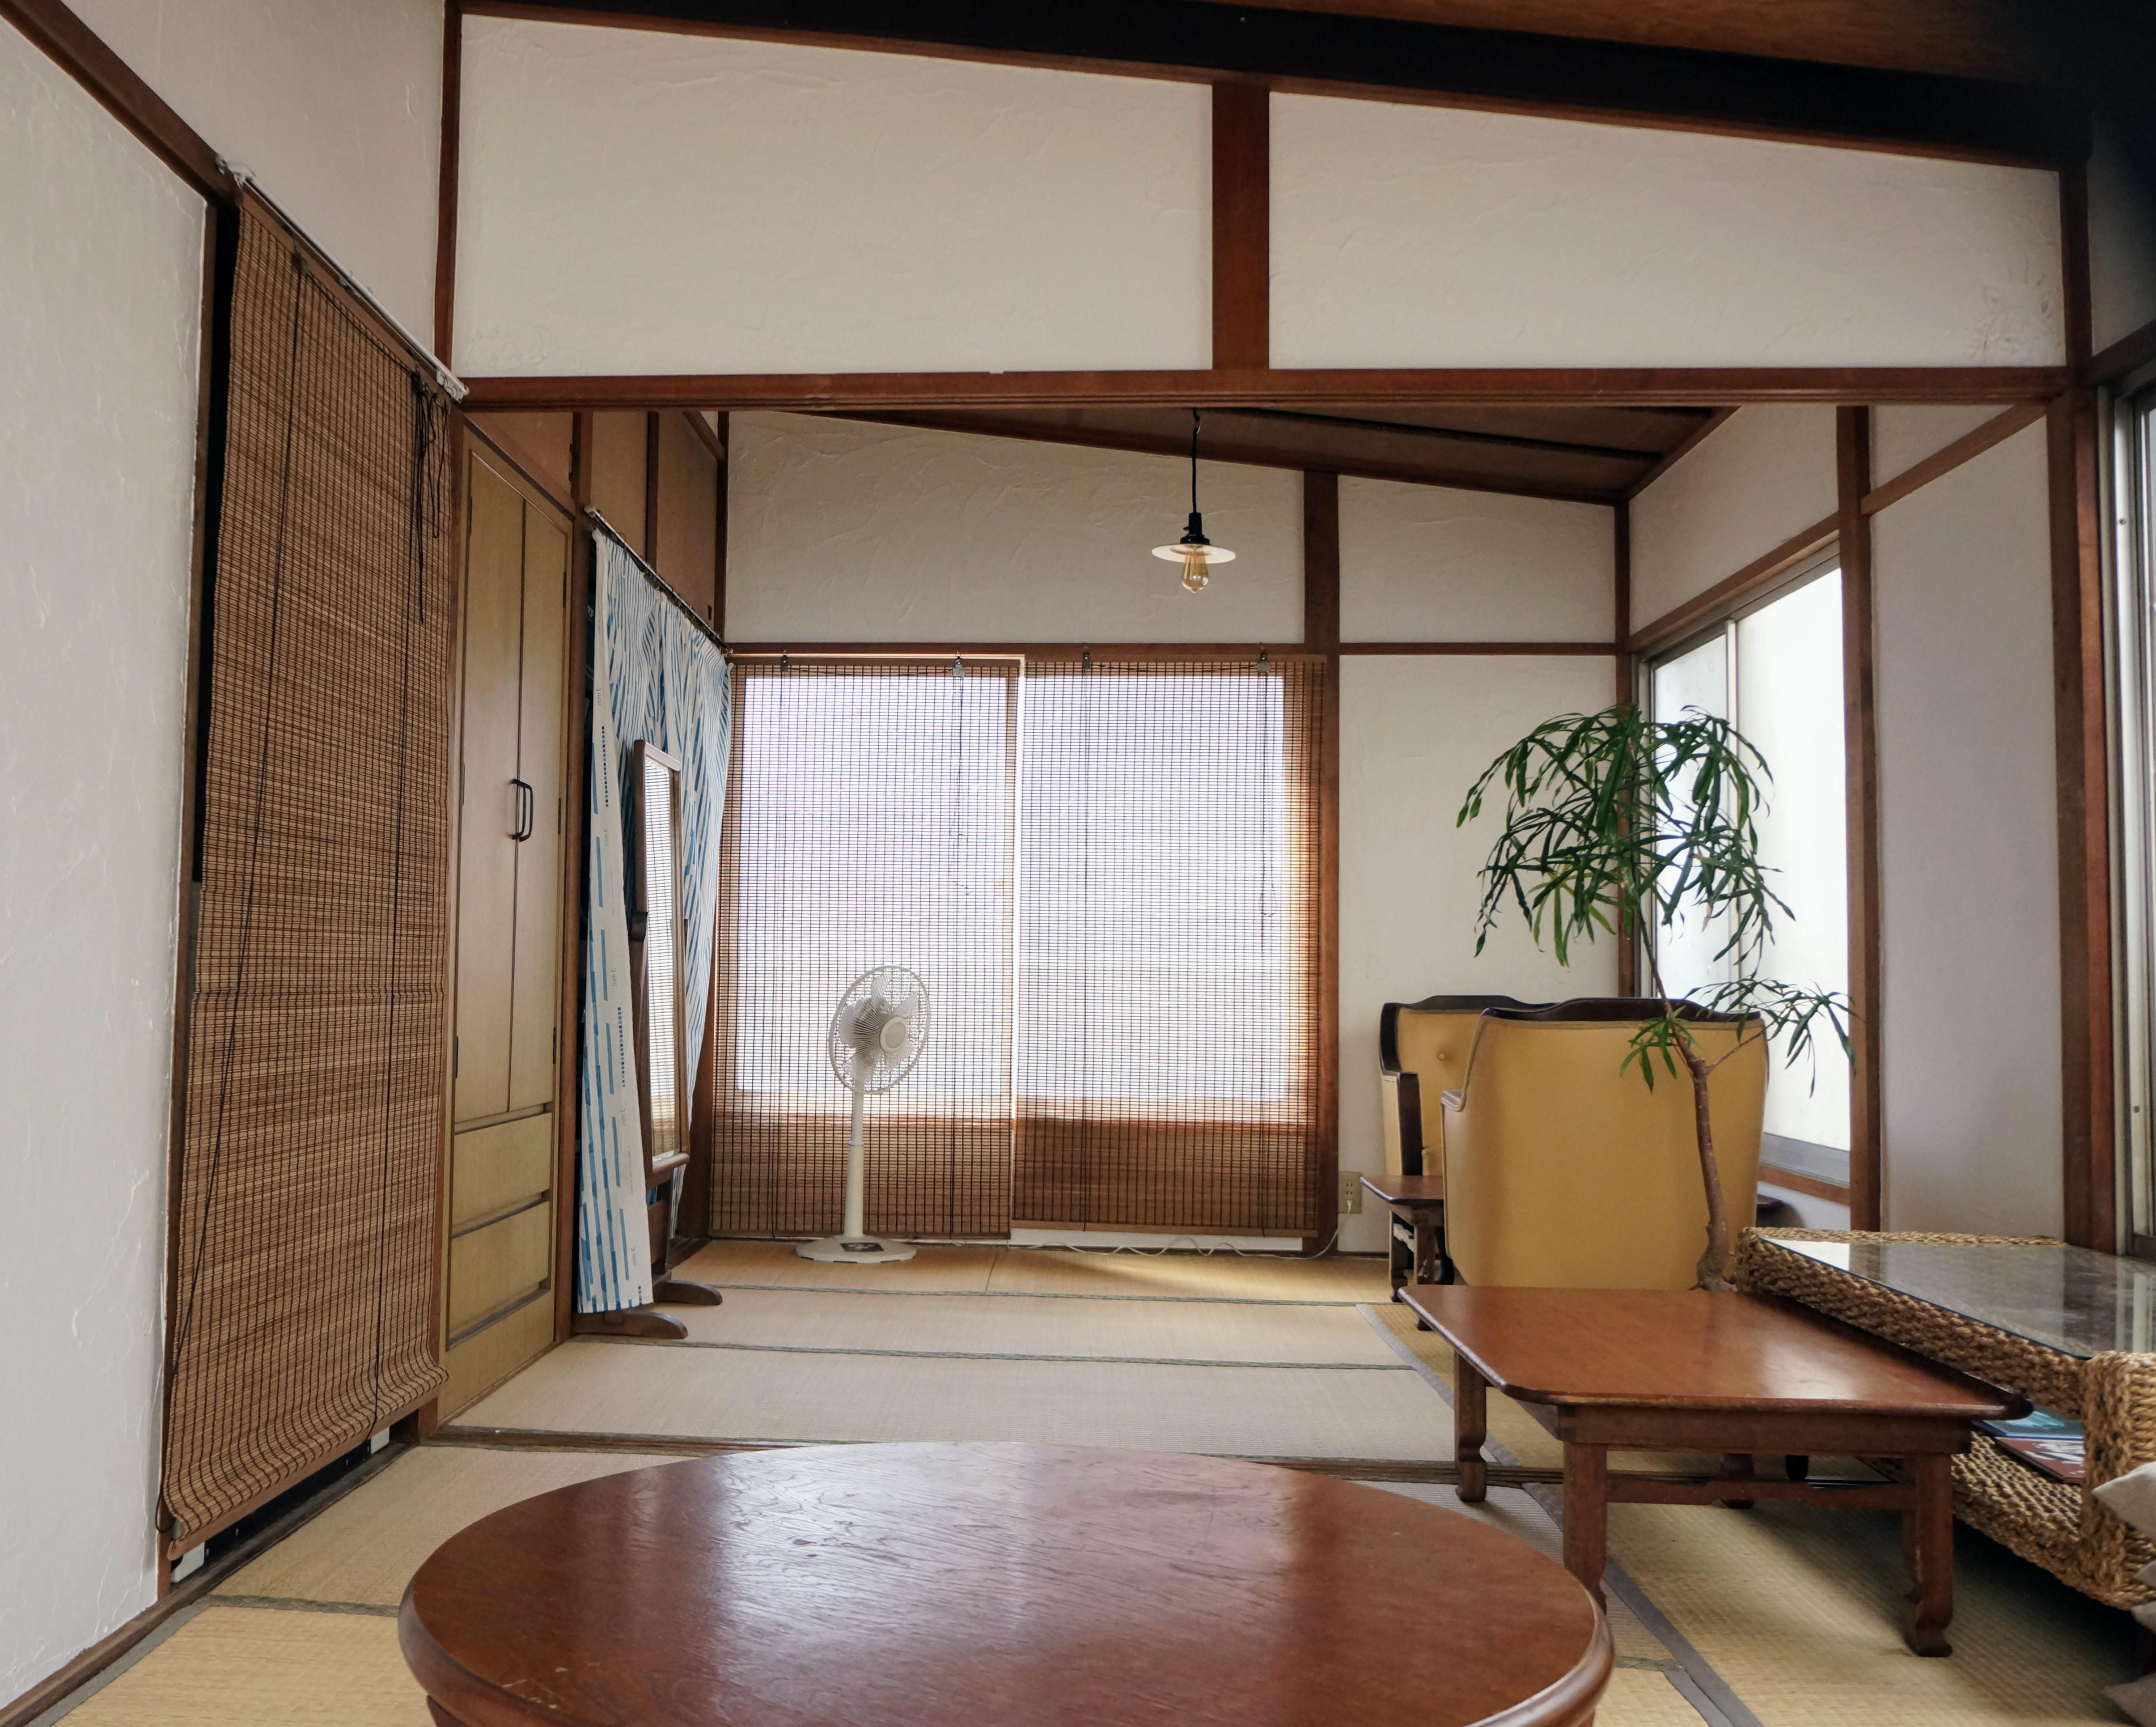 6畳と4畳半の和室がひとつなぎになっています。 - 子育てカフェeatoco 2階和室の室内の写真